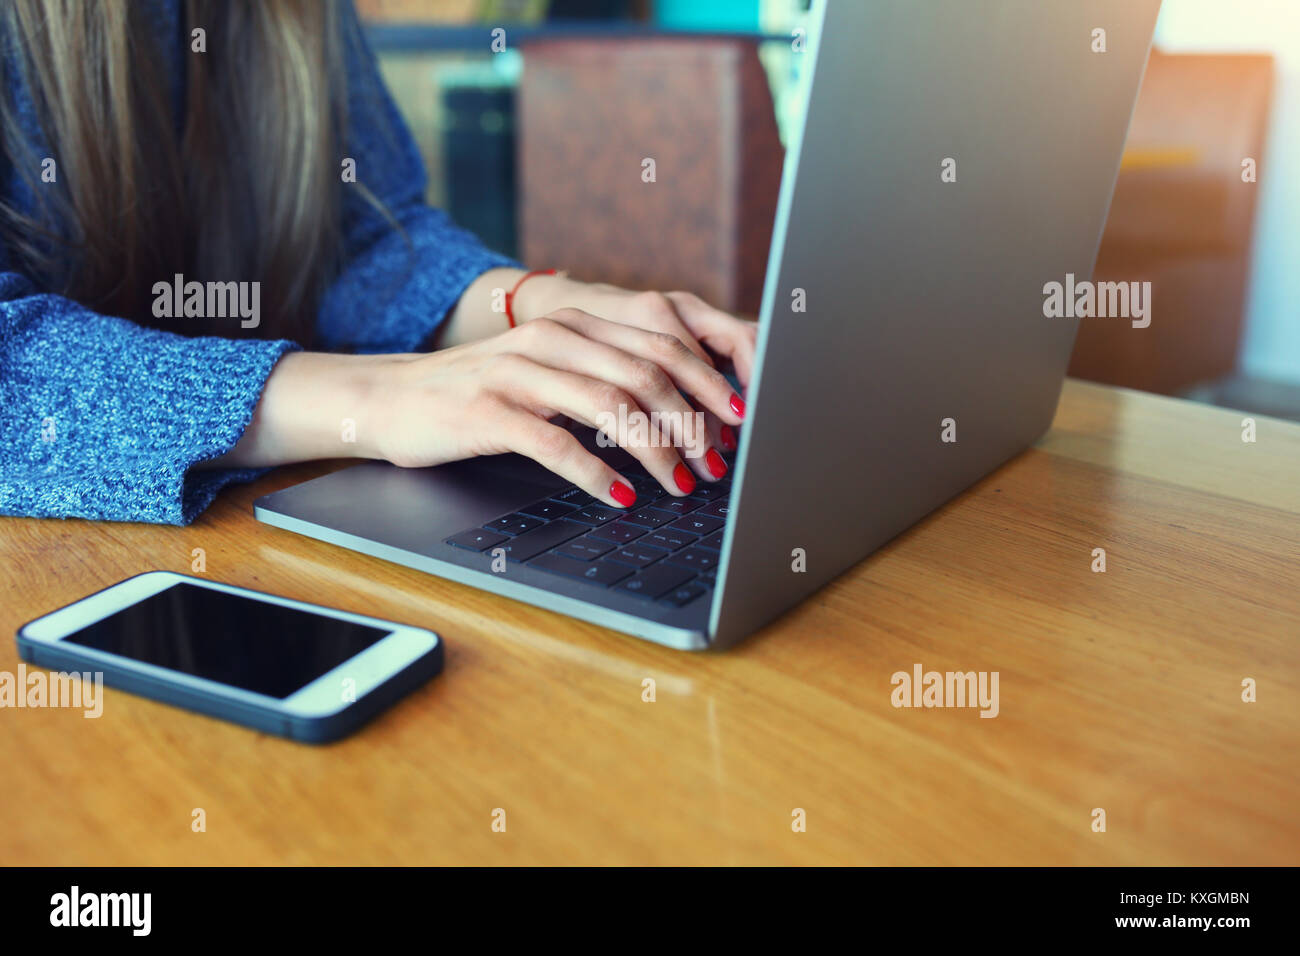 Cerca de manos de mujer. Mujer trabajando en un ordenador portátil en un café. Mujer joven sentada en Imagen De Stock